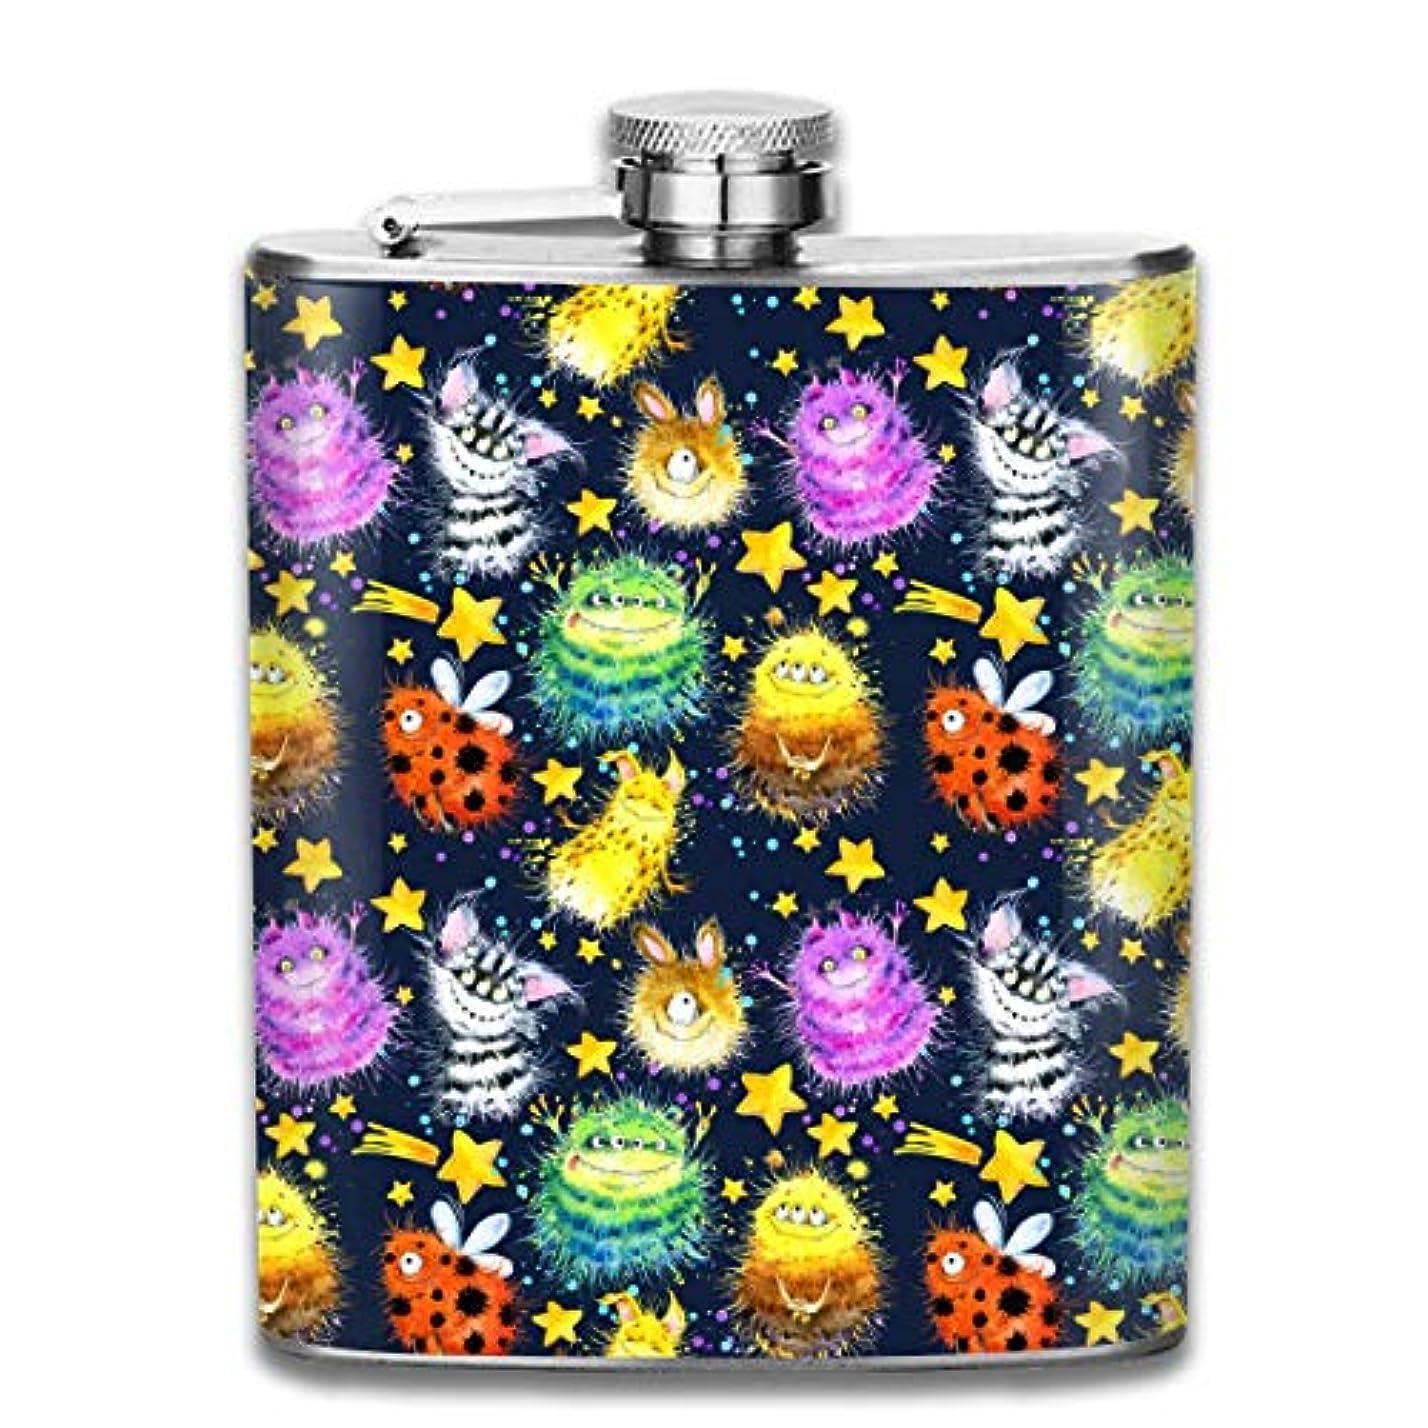 一般的に言えば句初心者かわいいモンスターフラスコ スキットル ヒップフラスコ 7オンス 206ml 高品質ステンレス製 ウイスキー アルコール 清酒 携帯 ボトル